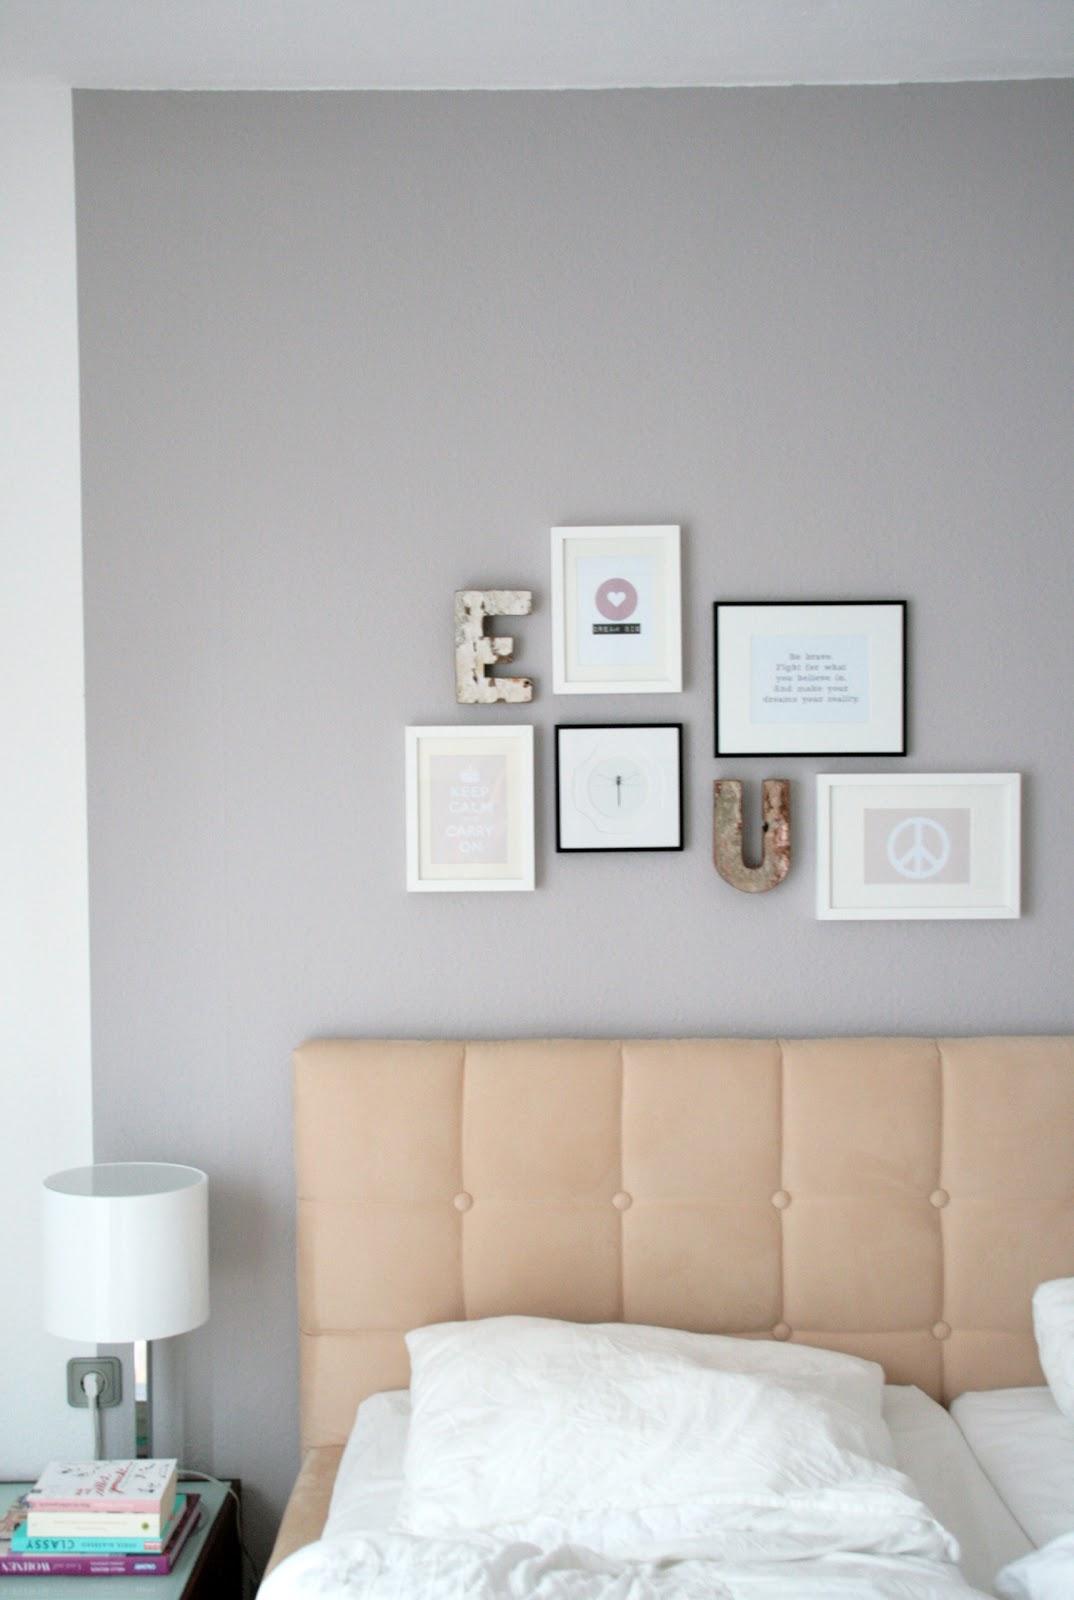 Schlafzimmer Bilderwand: Interior update bilderwand balkenbett ...